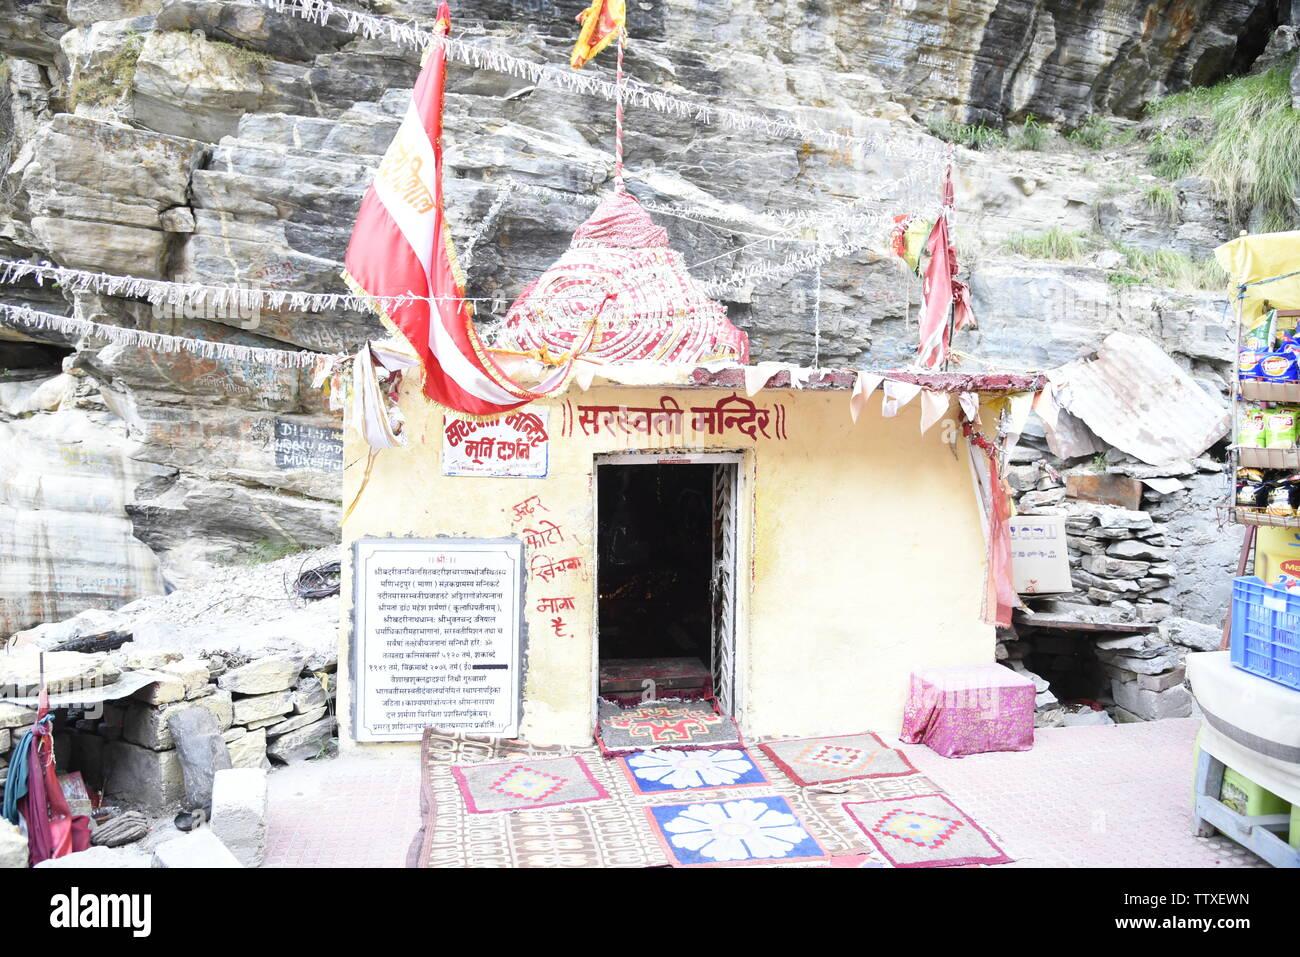 Temple de l'Inde à Sarasvati dernier village Village Mana 2019 Badrniath au Tibet près de la frontière , Chamoli, Rudrapryag, Inde, Asie Banque D'Images